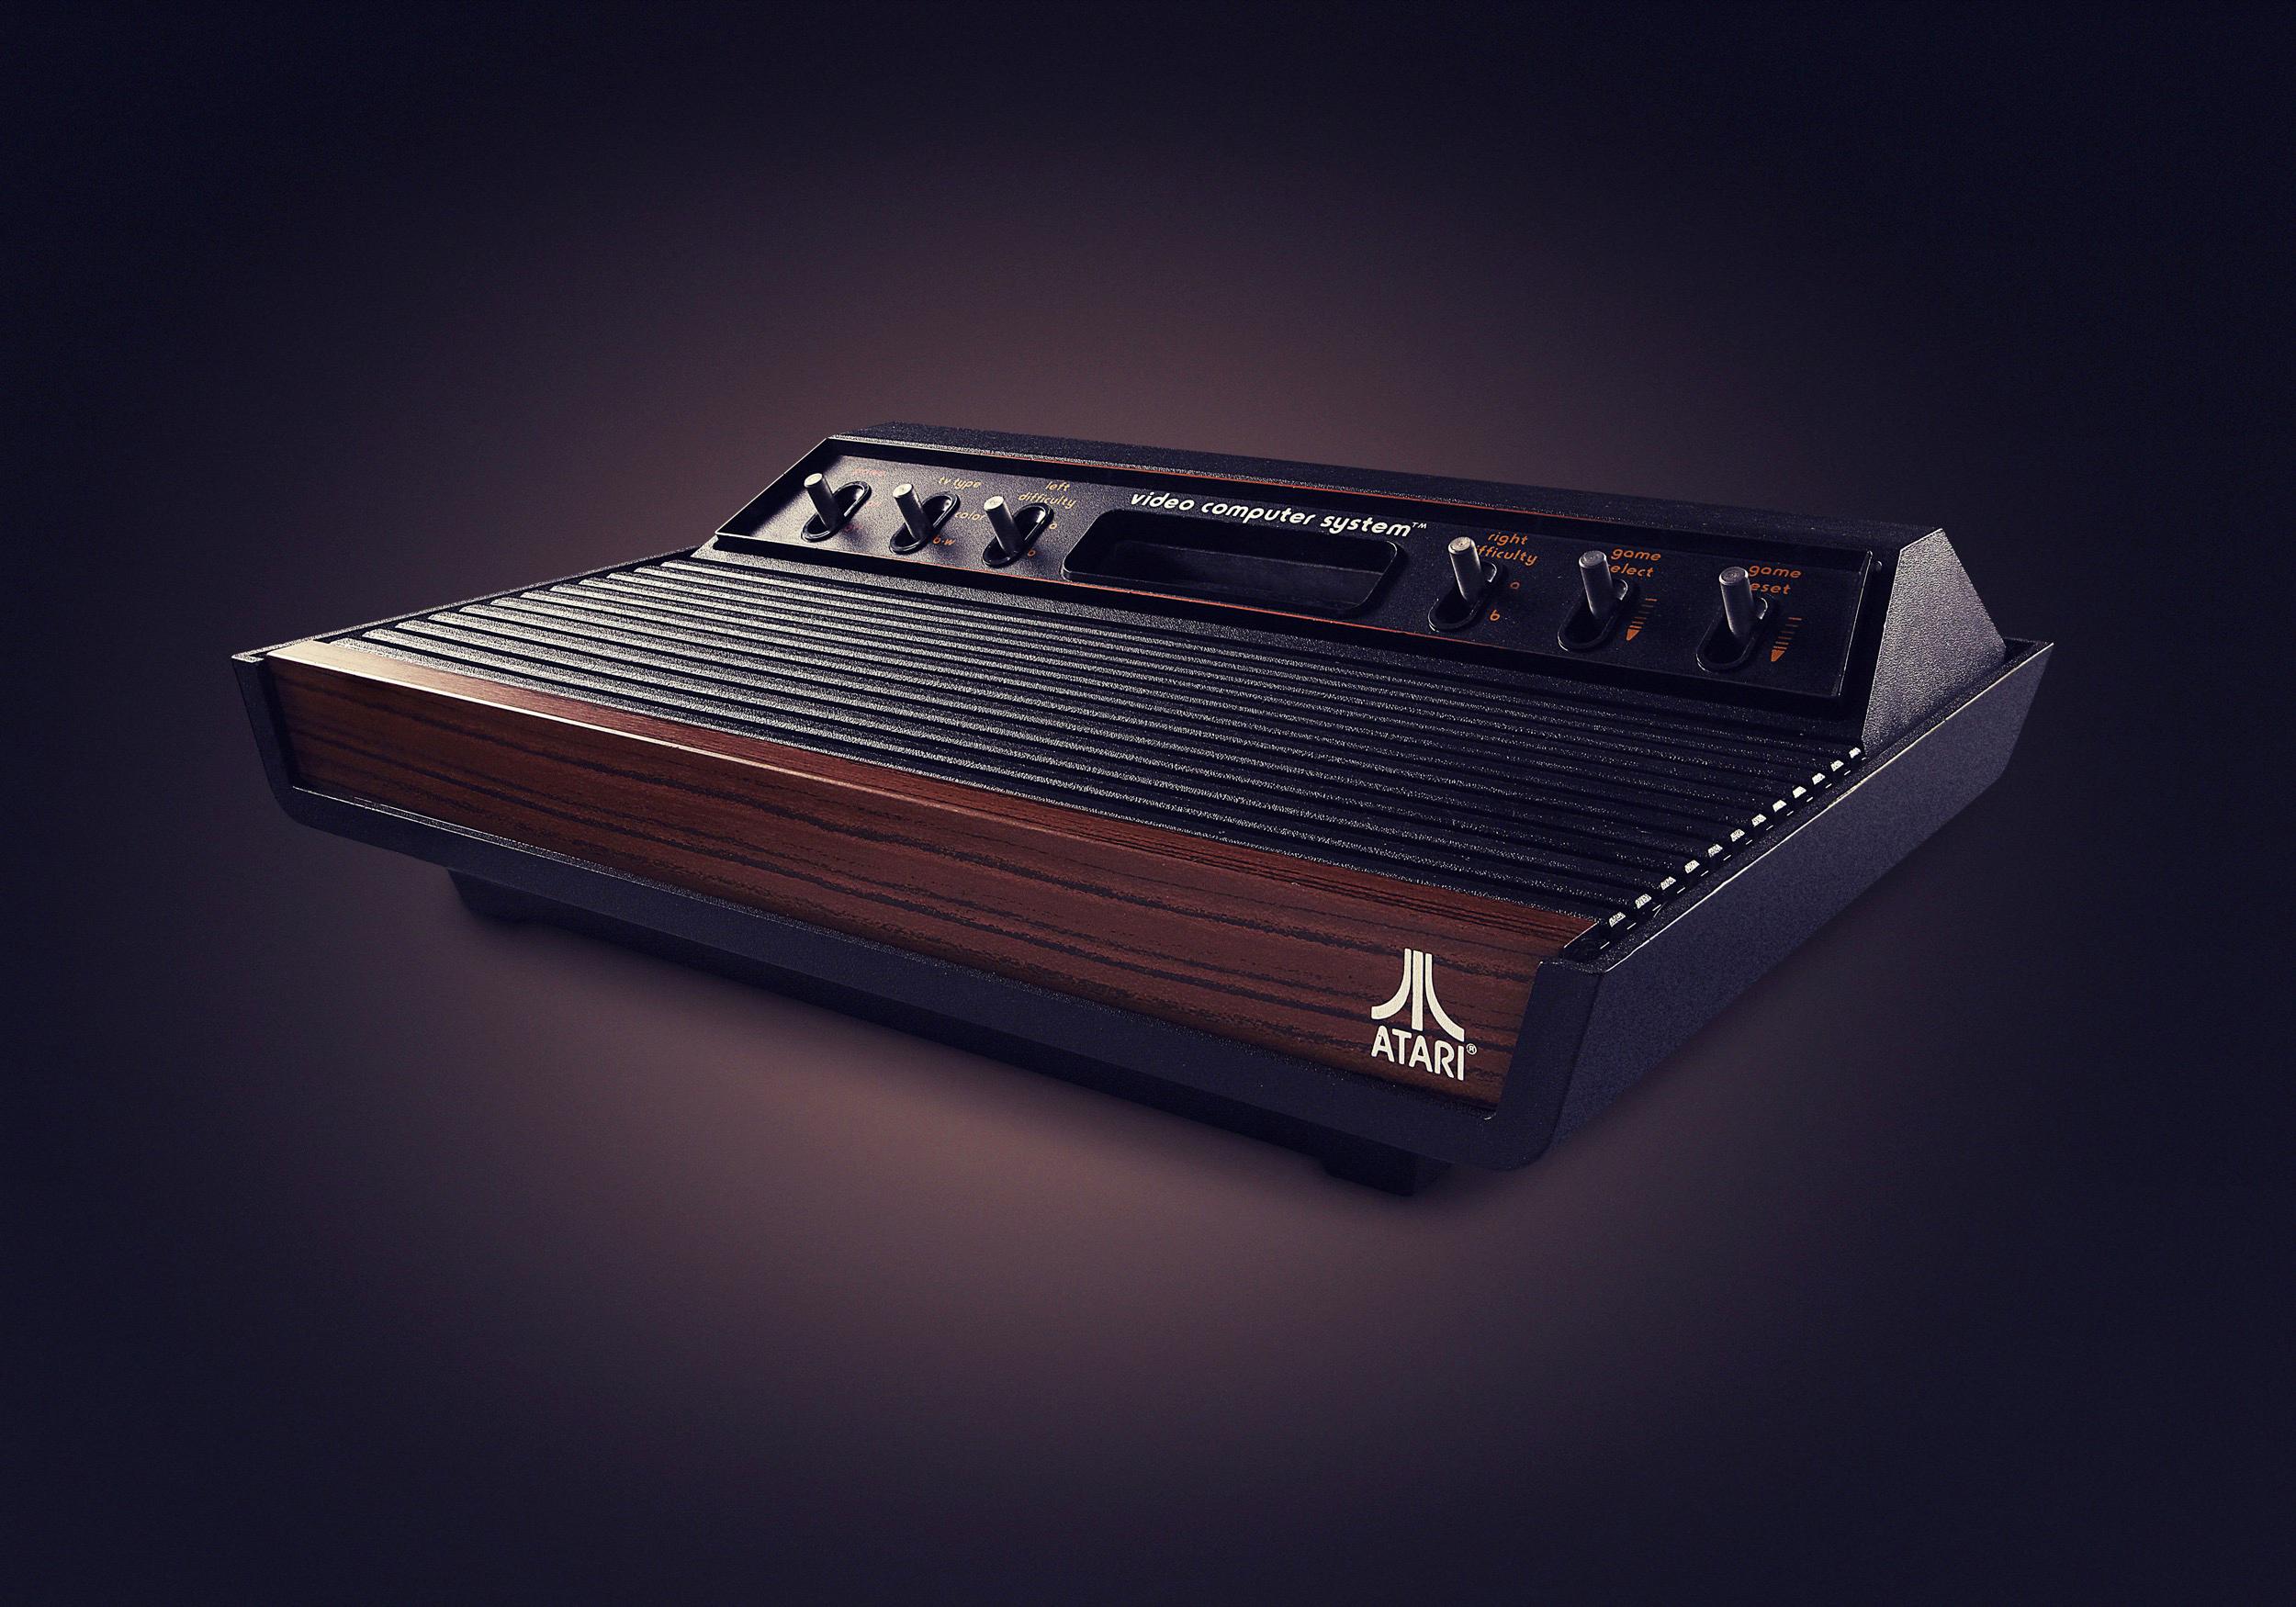 Atari_2600_New grade_2500B.jpg